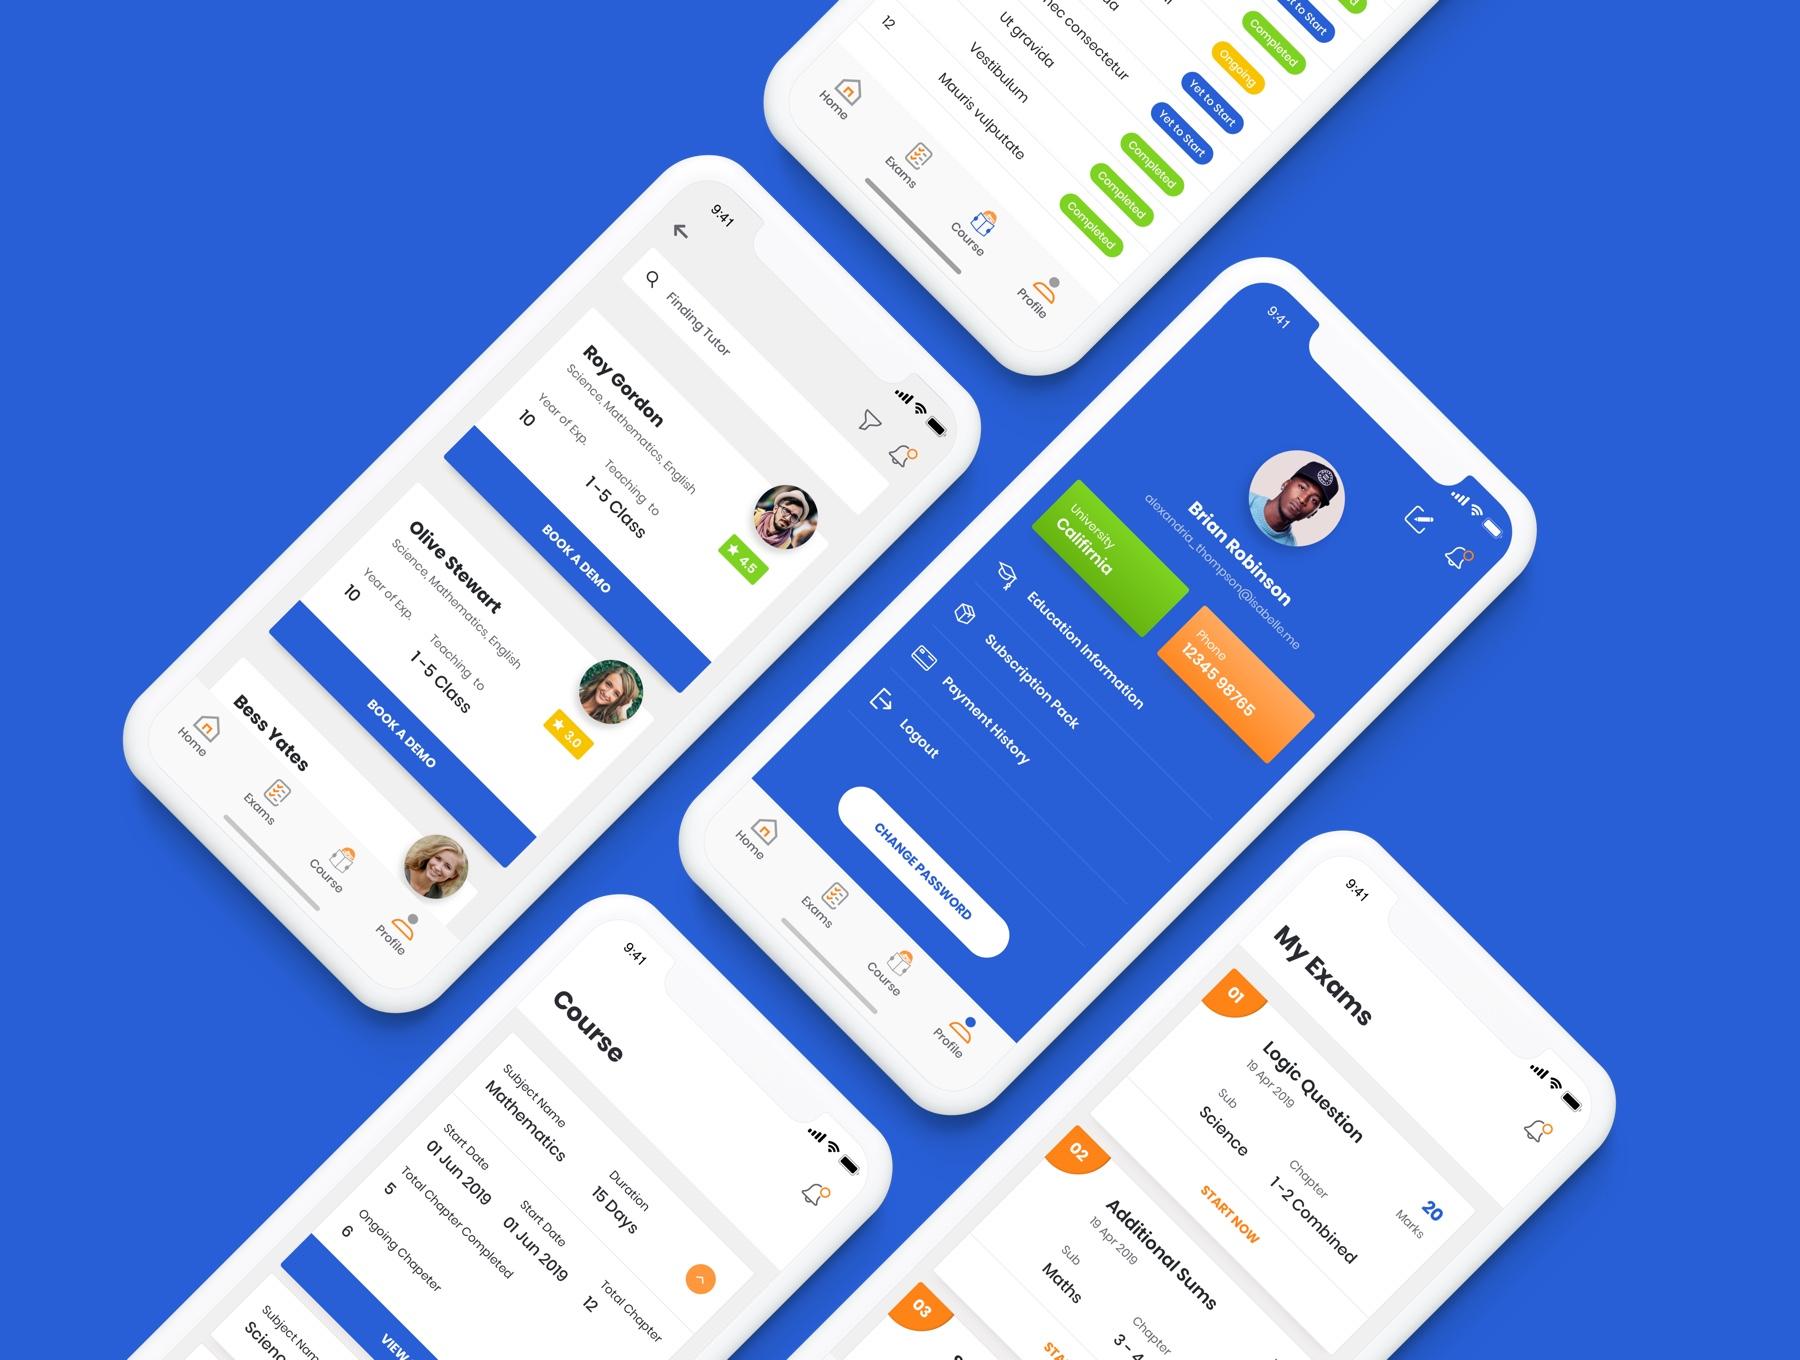 导师教育培训学习类APP UI工具包&UI界面 素材Tutor UI Kit